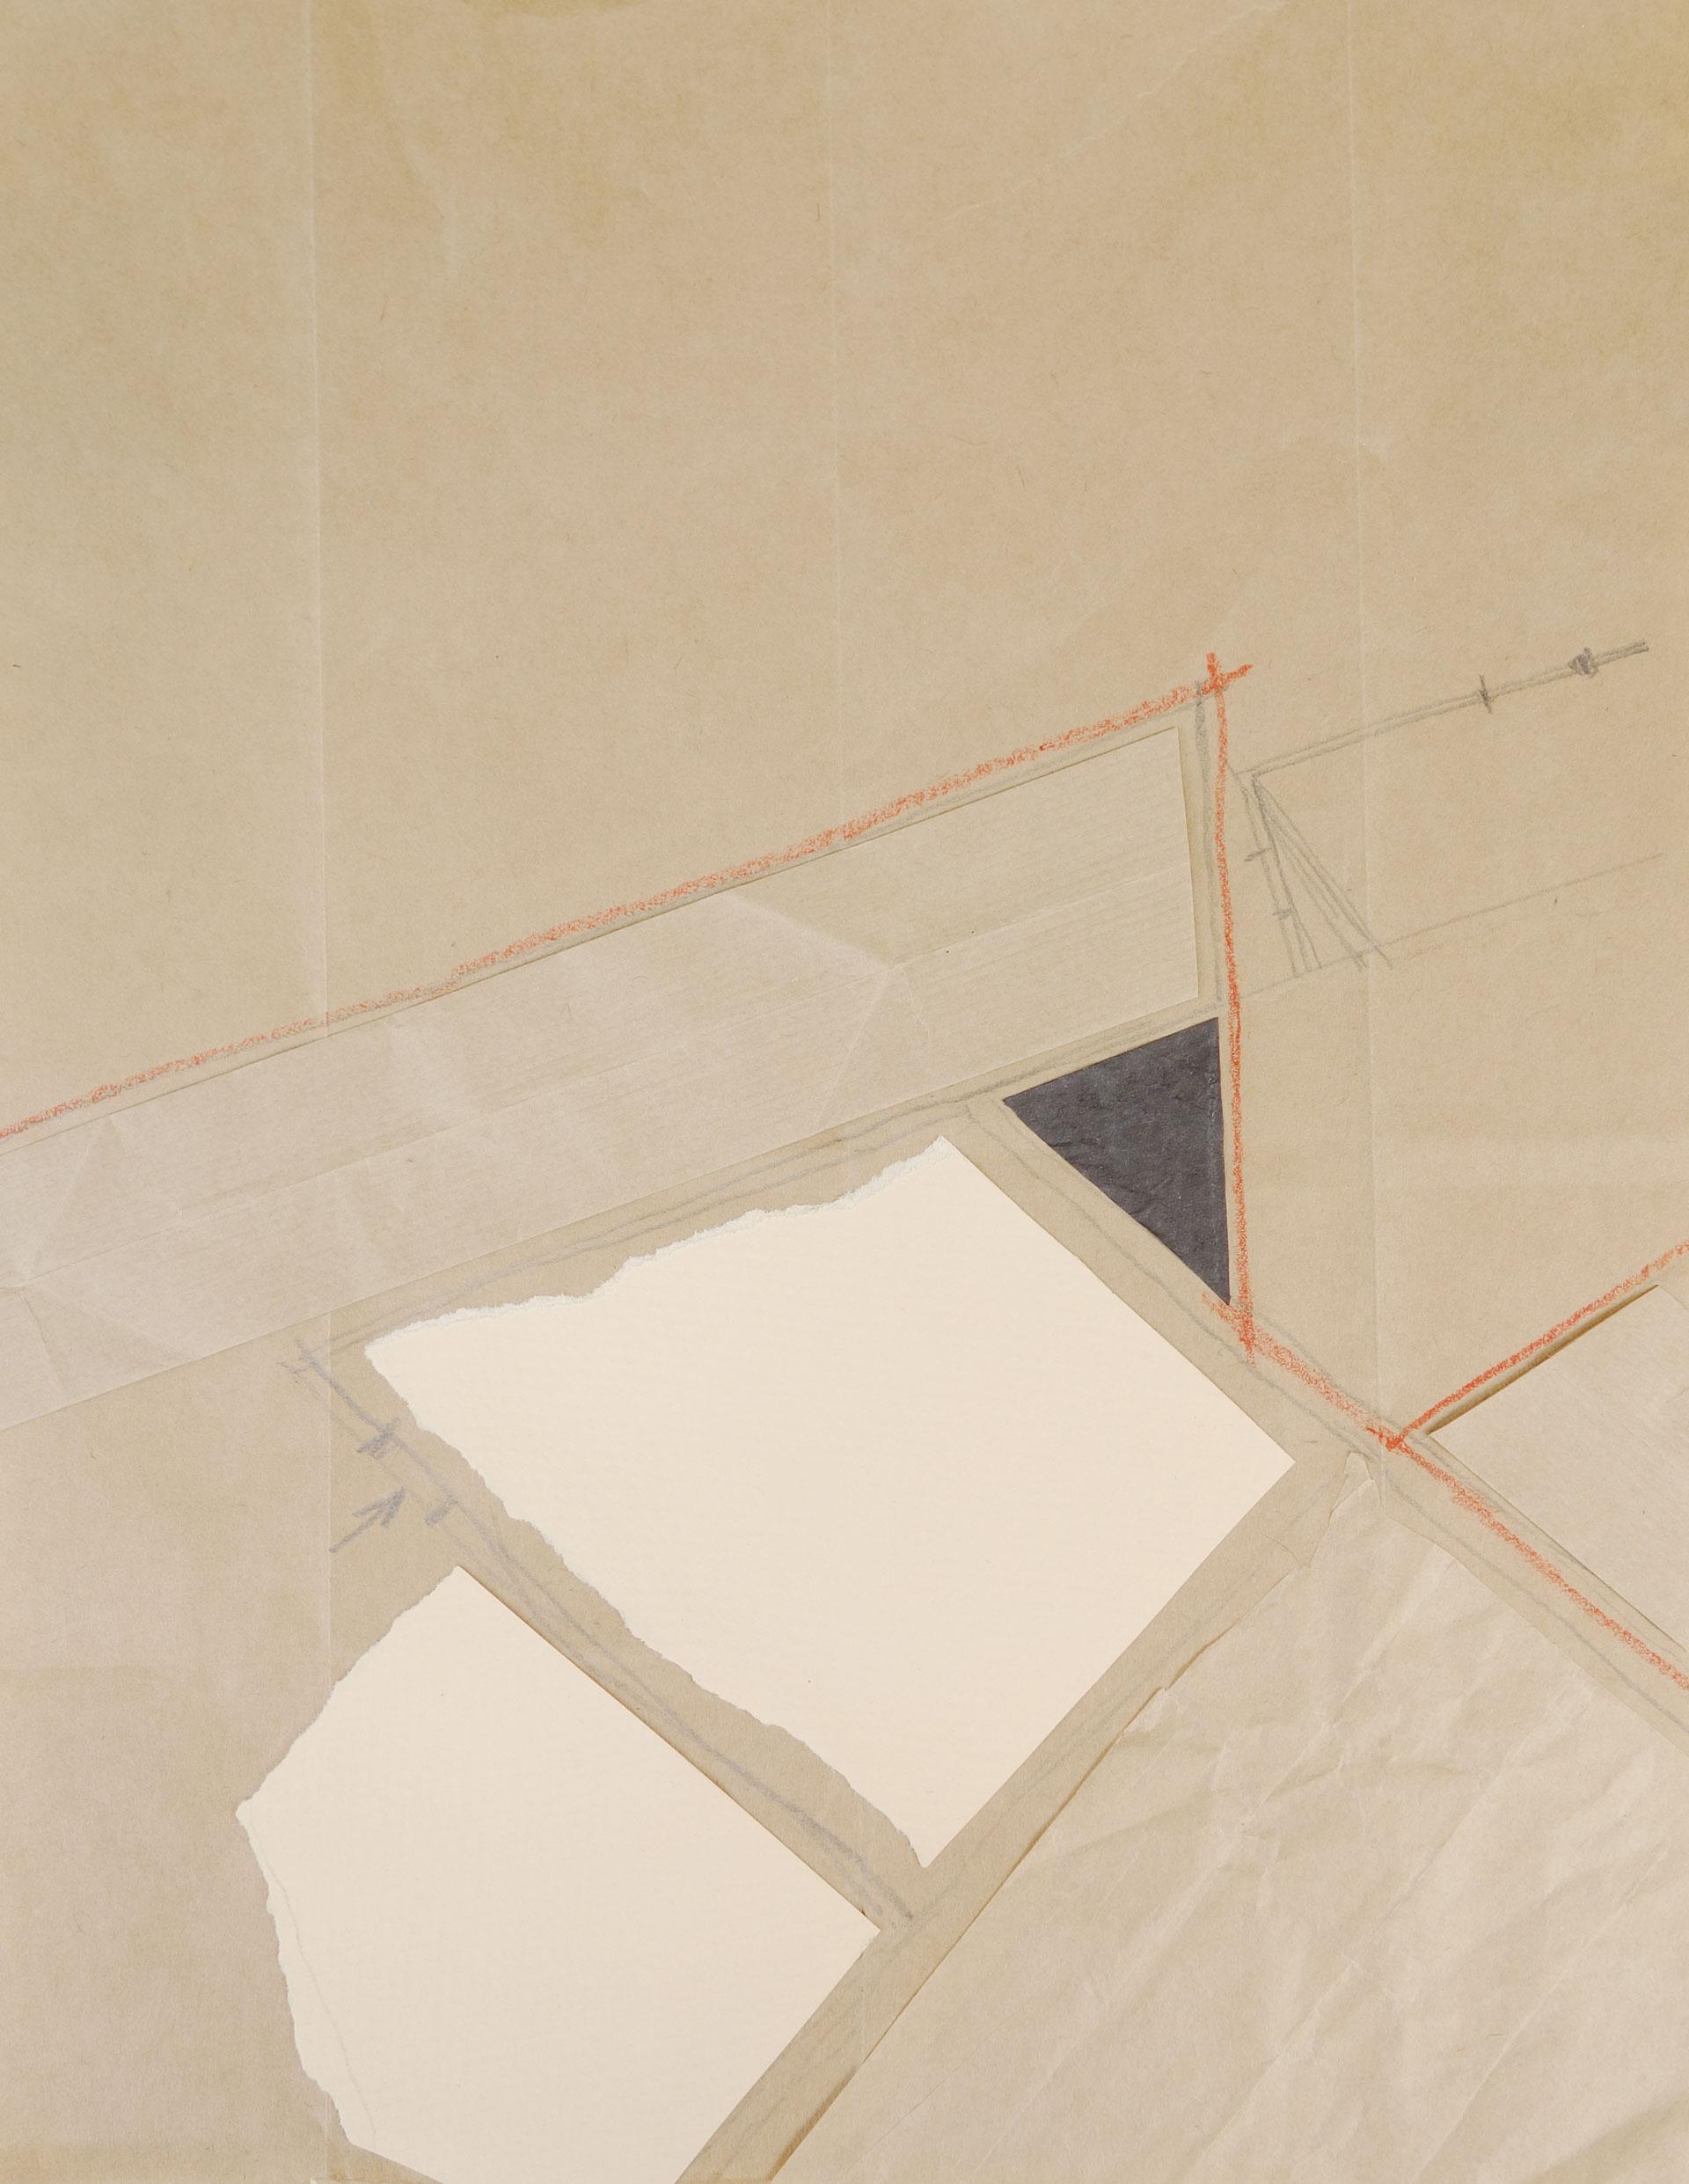 Architectural peinture abstraite